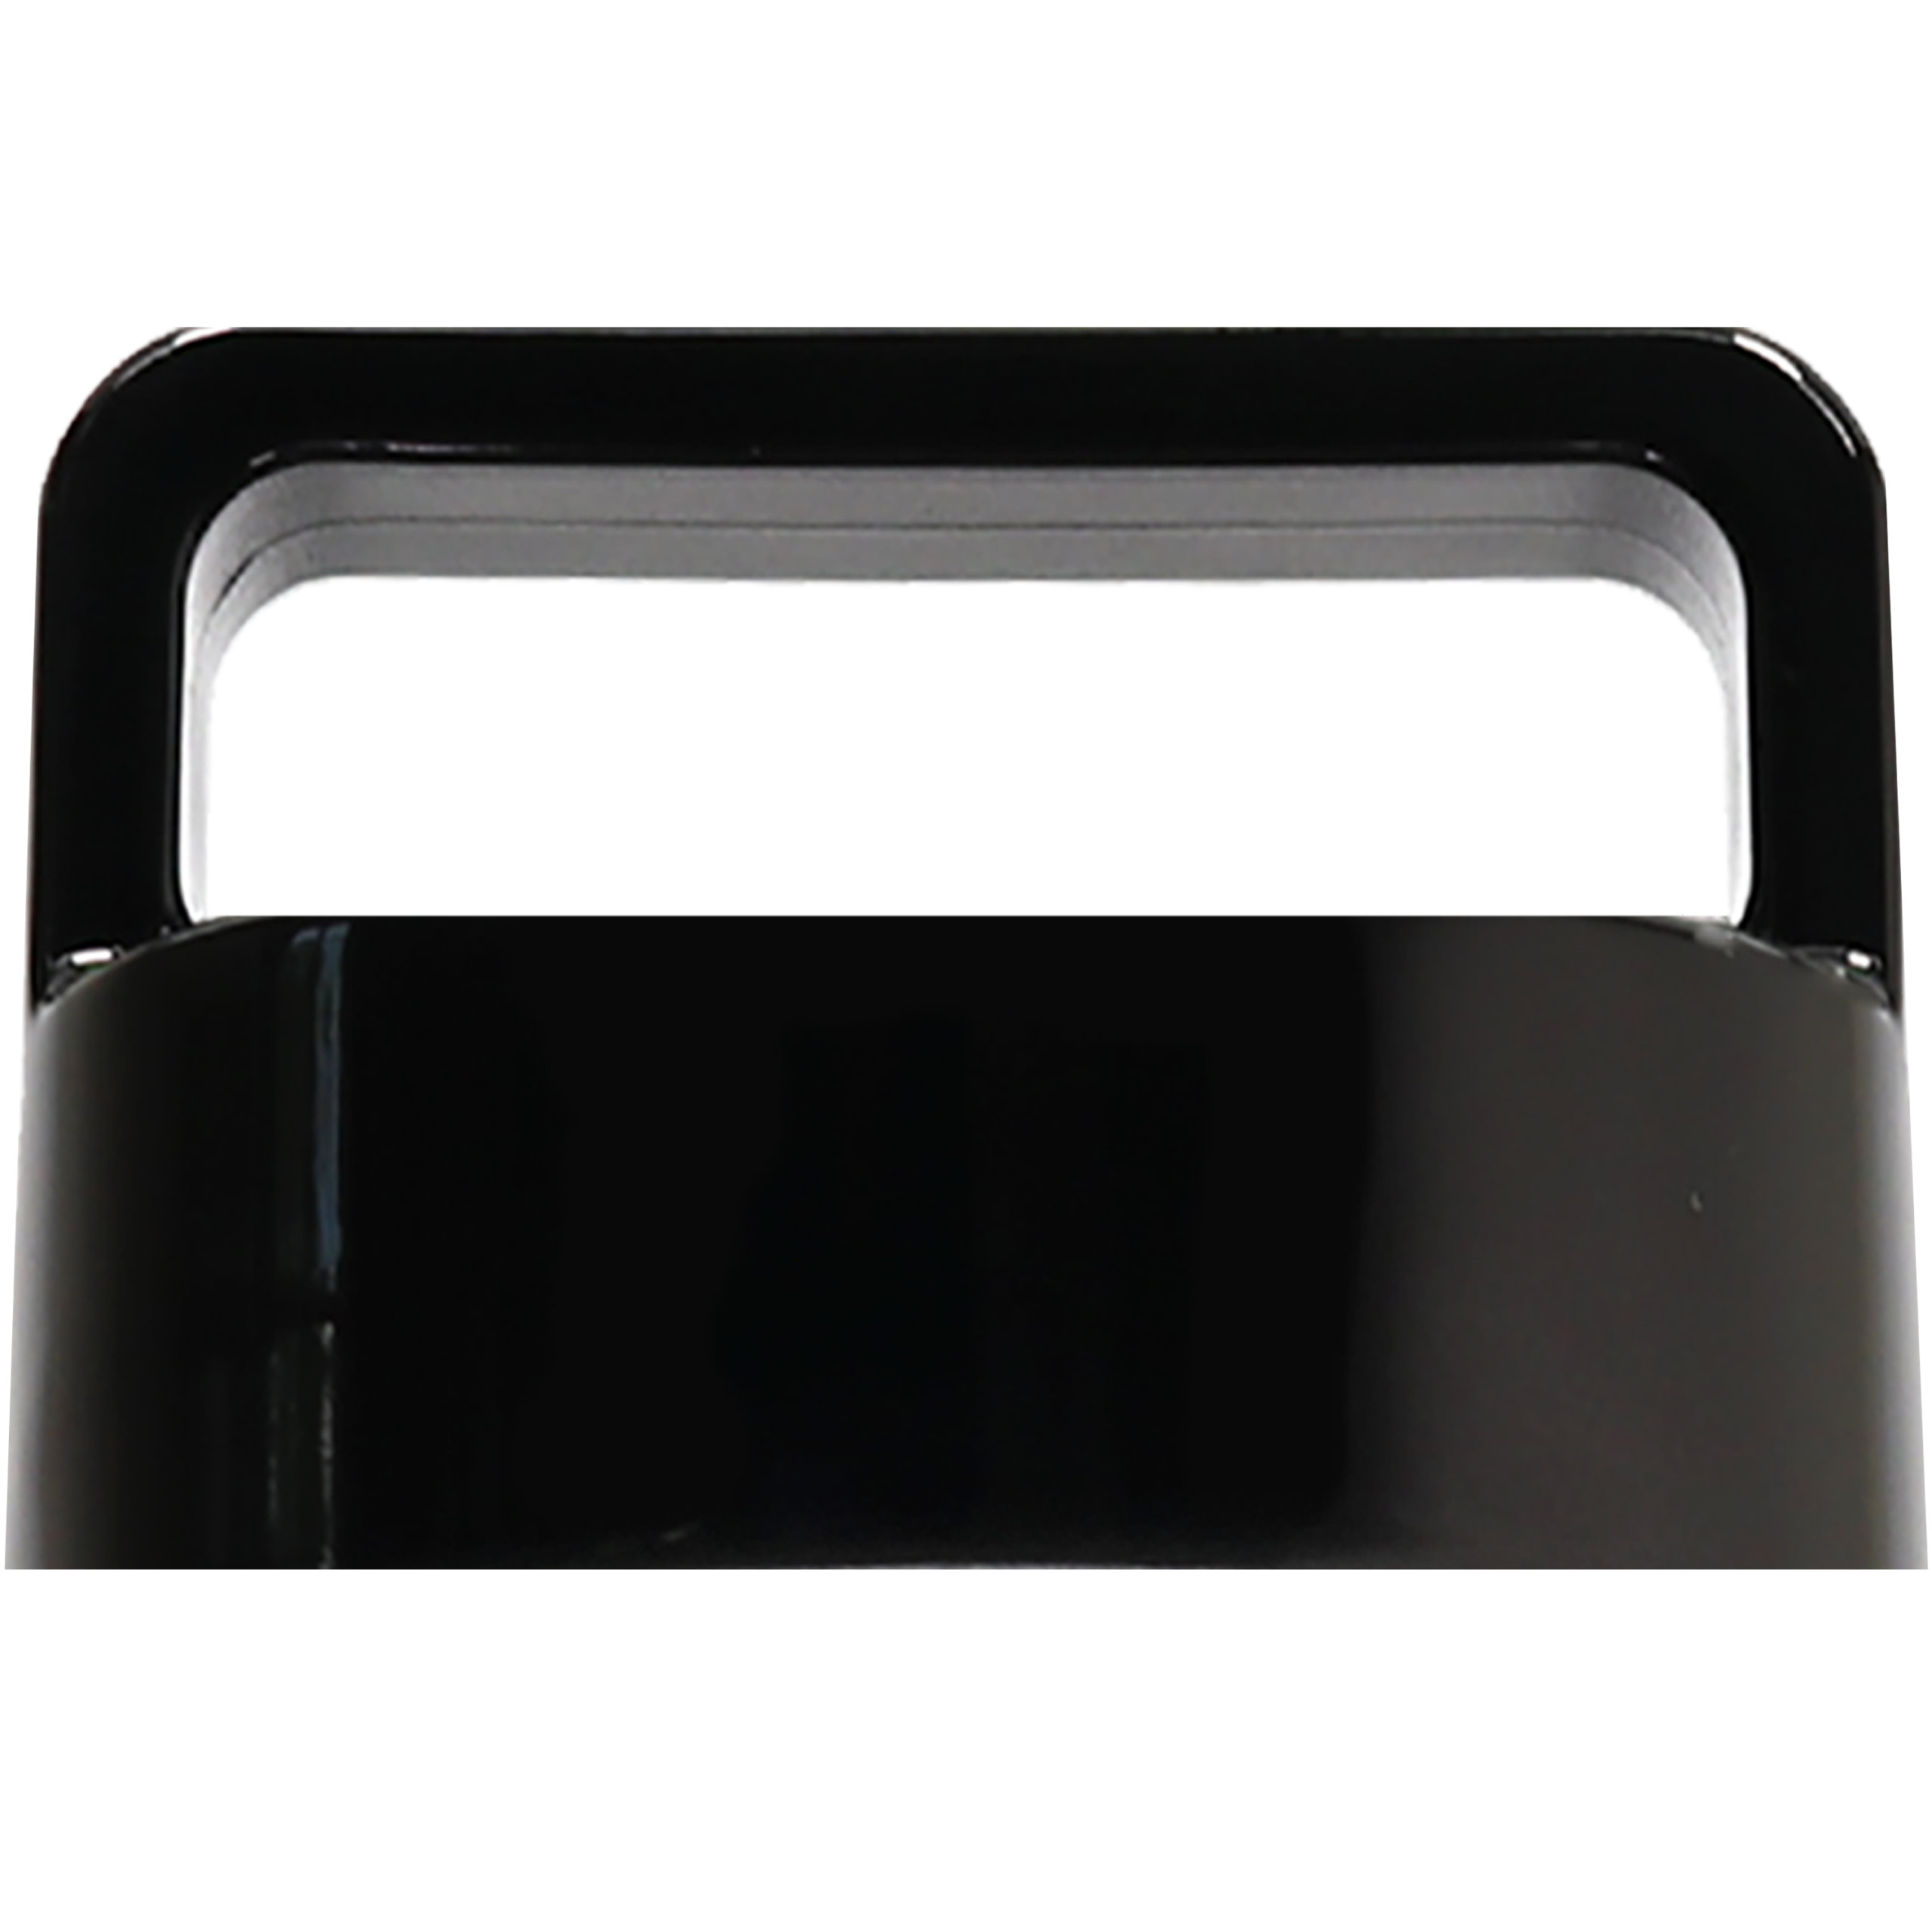 amapodo Ersatzdeckel in Schwarz passend für 400ml Glasflaschen - Edelstahlkern BPA-Frei